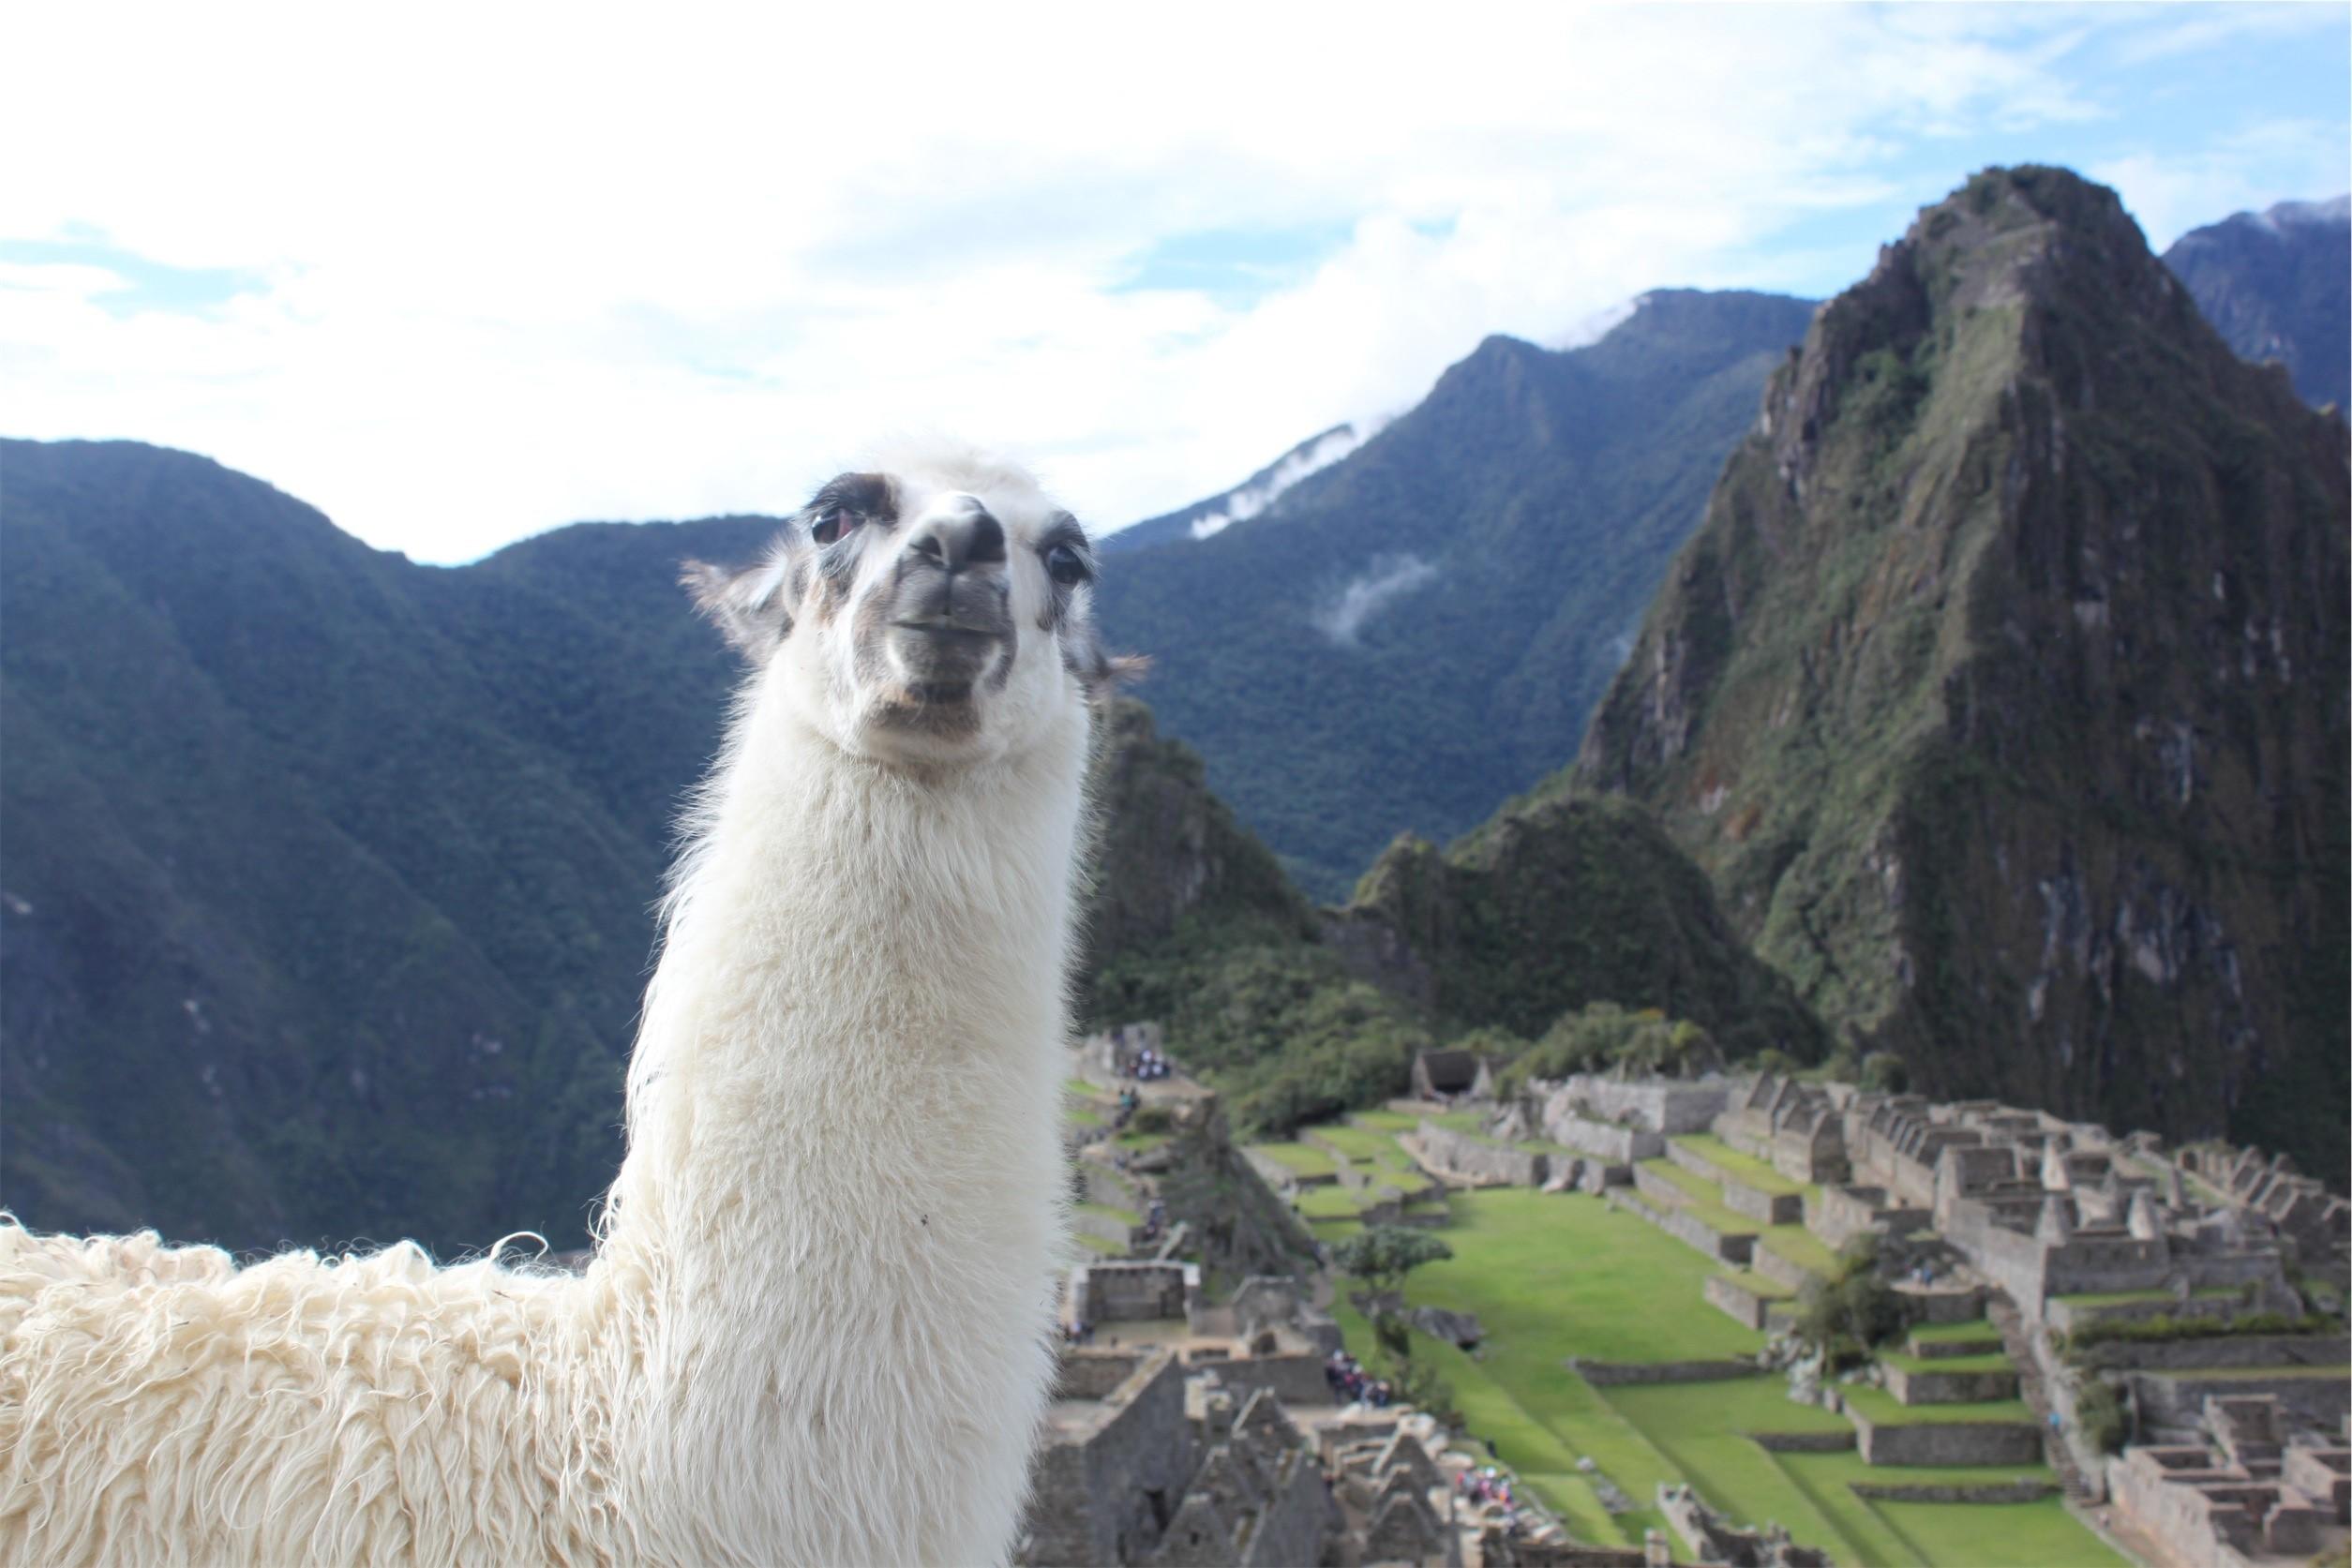 《ペルー小口債務者支援プロジェクトブログ第10弾》Kobranzas S.A.Cが行う金融教育から見るペルーの金融事情